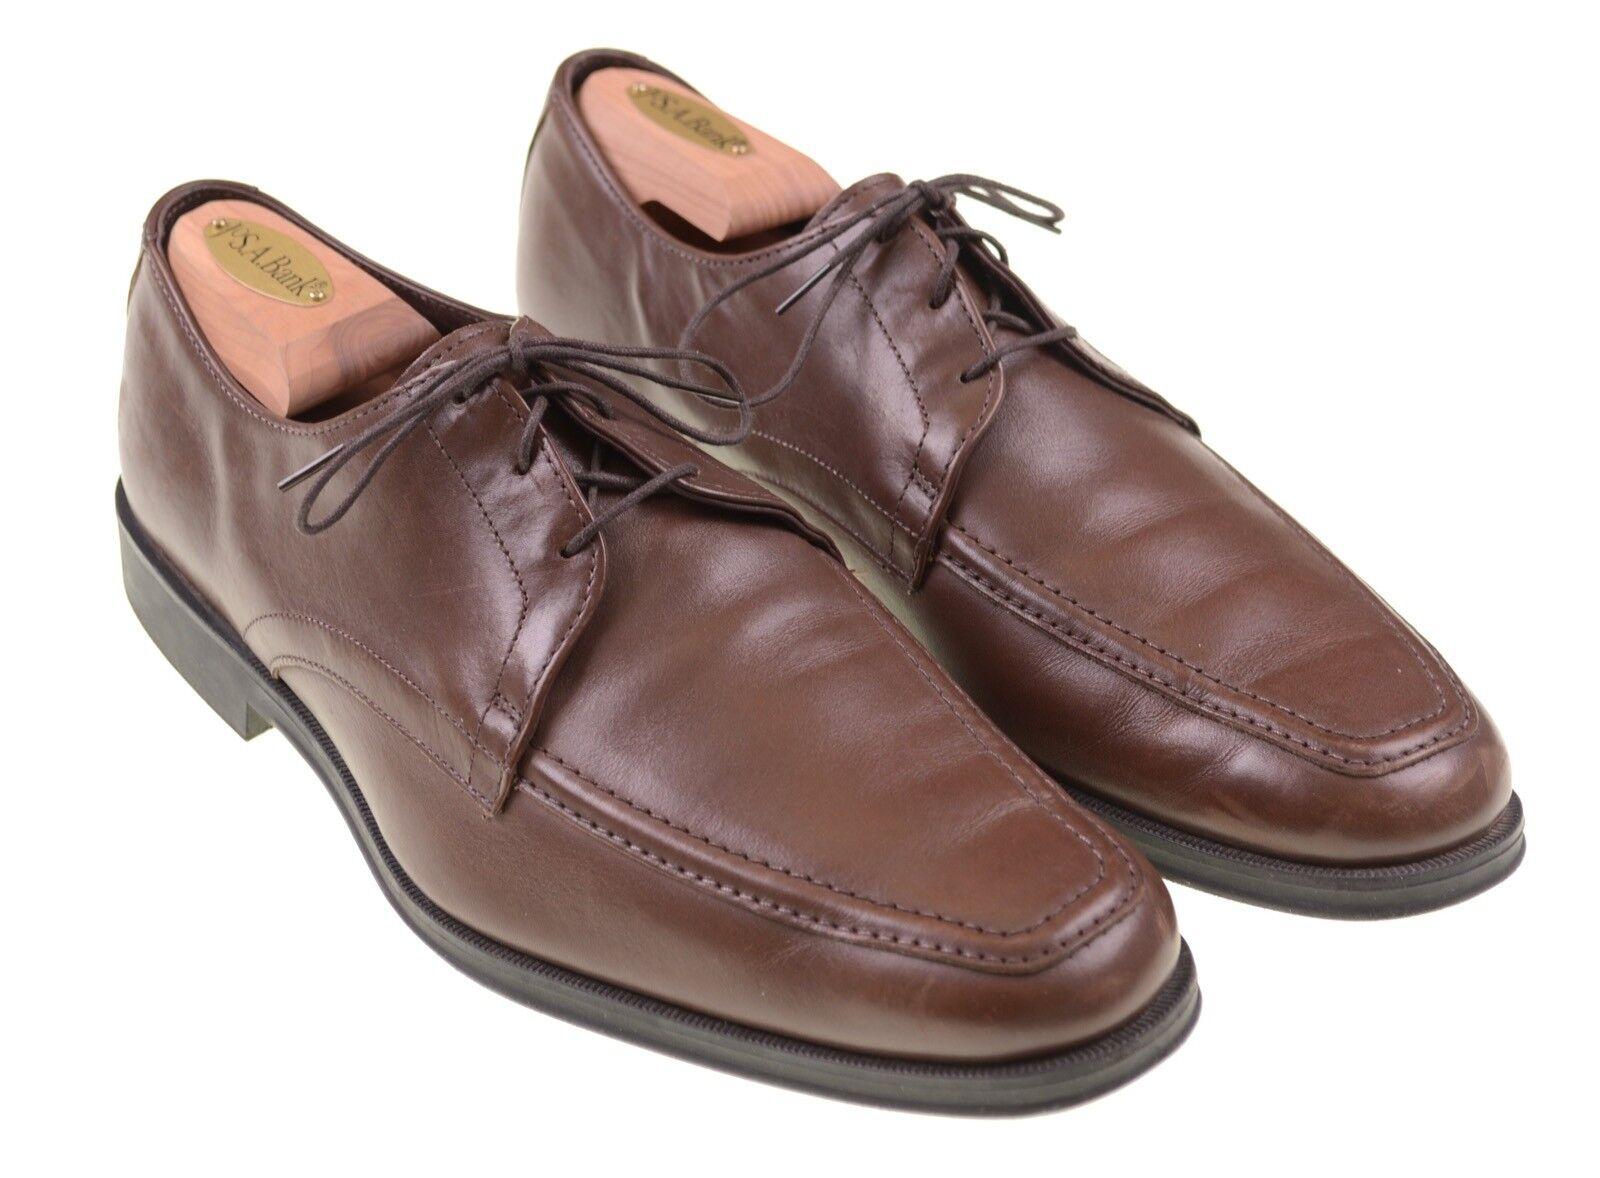 Allen Edmonds Tribeca Brown Leather Apron Toe bluecher Derby Dress shoes 9 D